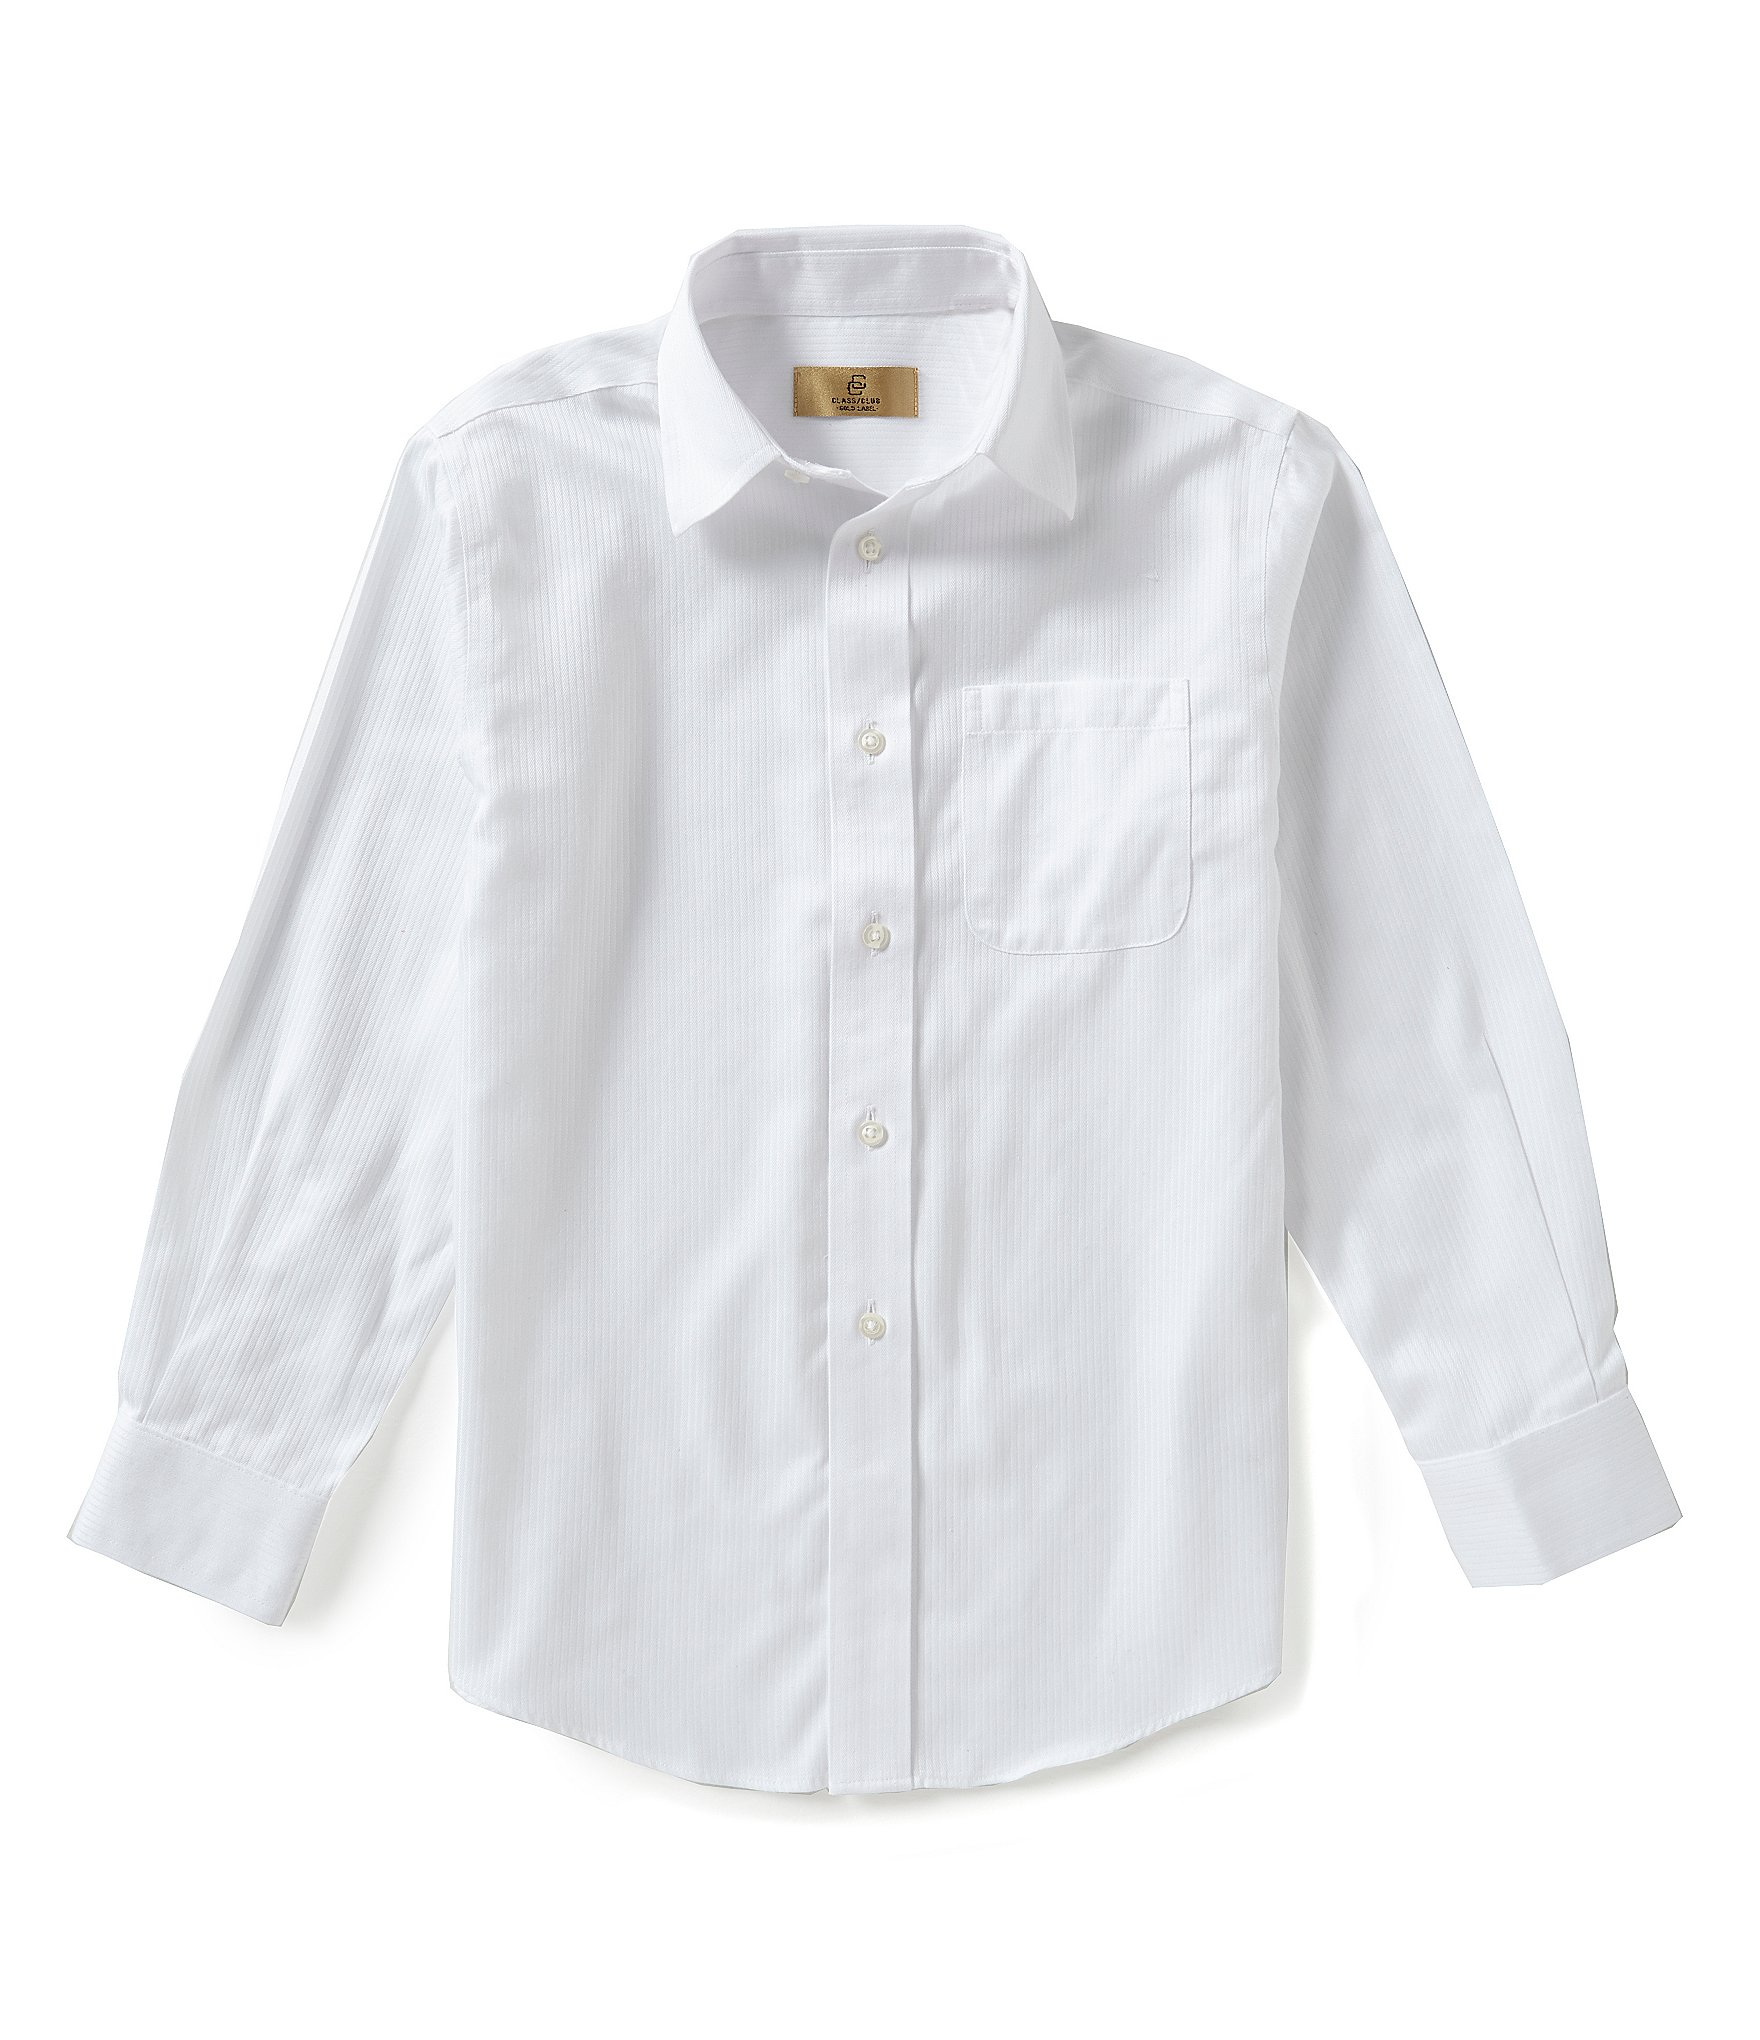 Class club little boys 2t 7 textured dress shirt dillards for Logo dress shirts no minimum